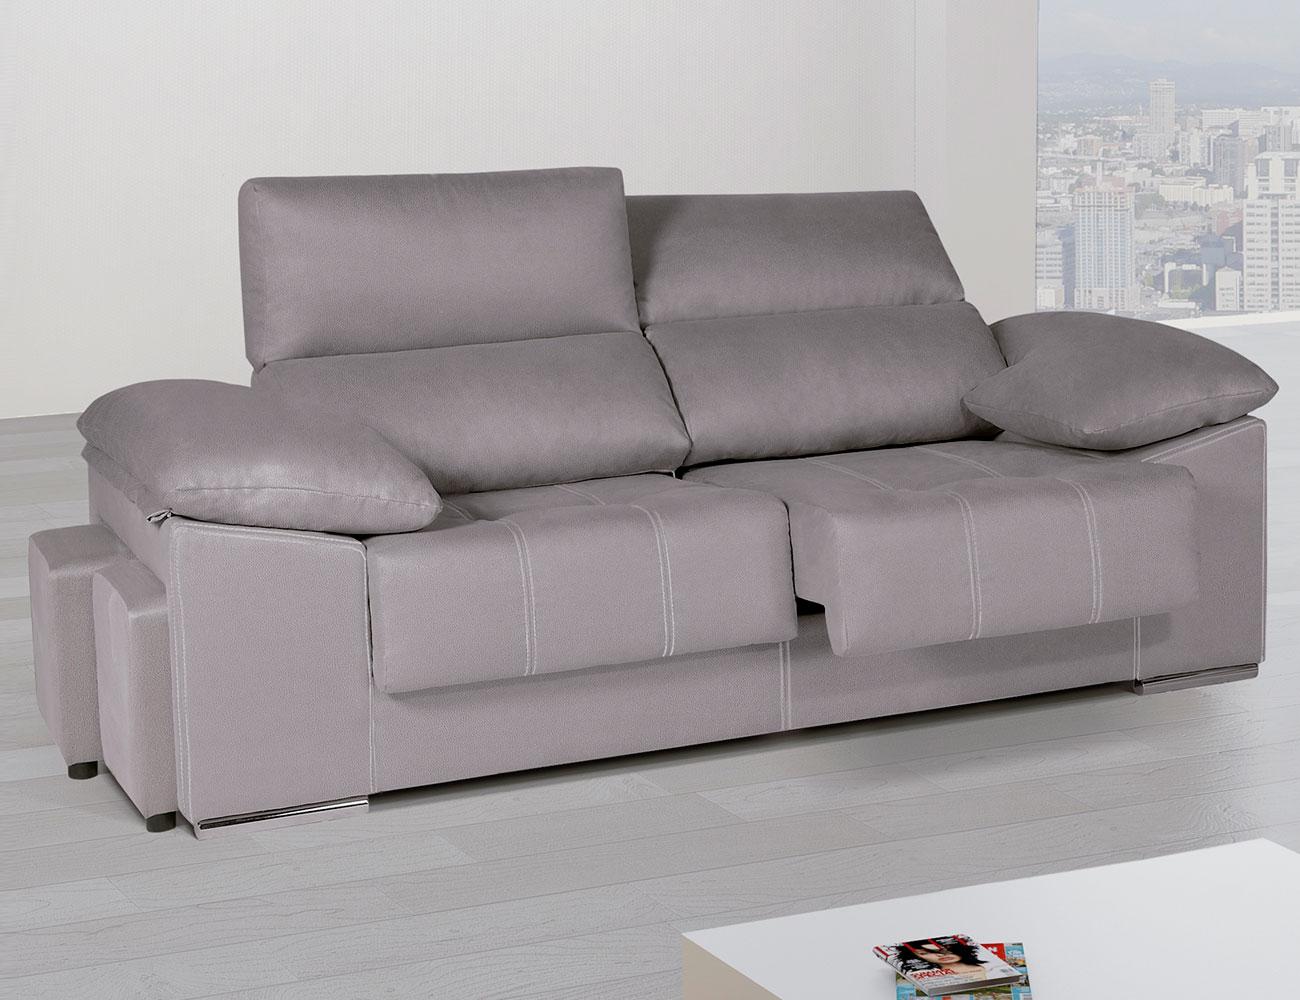 Sof asientos extra bles y respaldos reclinables con for Sofa 4 plazas asientos deslizantes